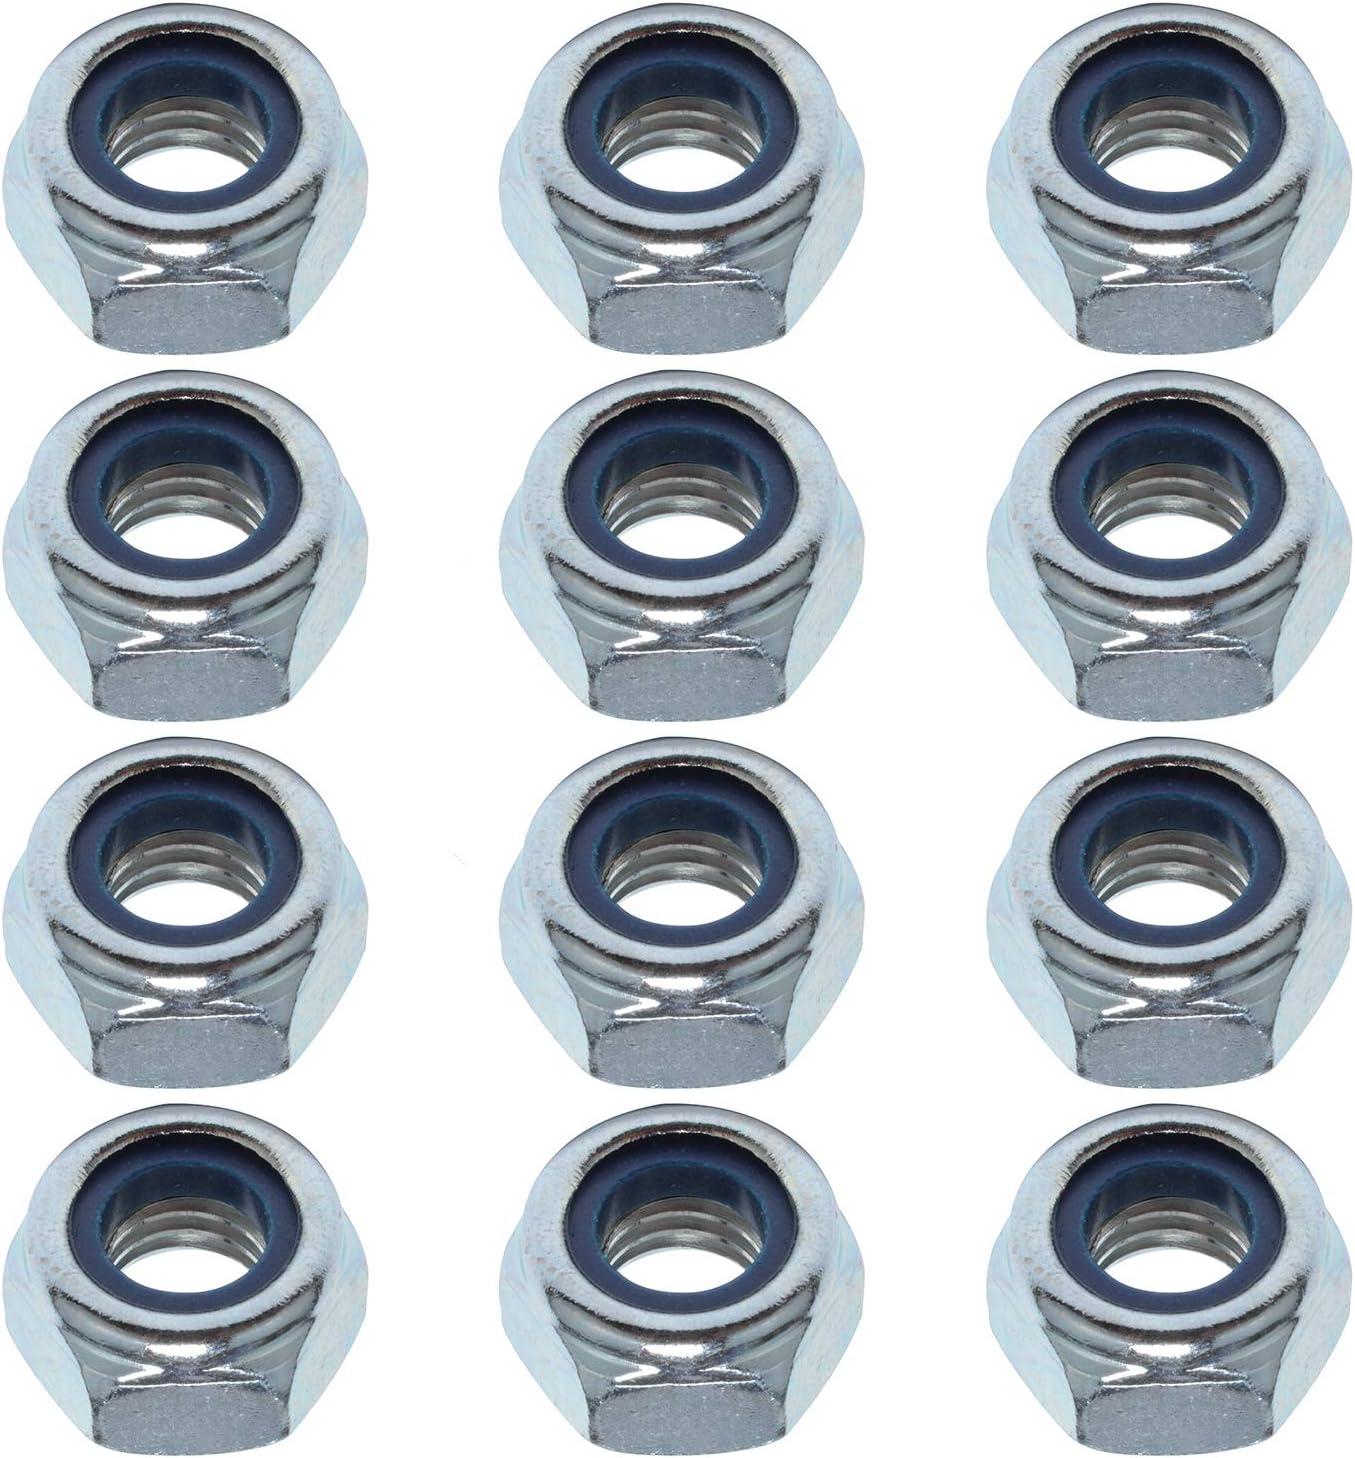 Easyboost 12 Tuercas Autoblocantes M5 Acero Zincado DIN-985 ISO-10511 UNI-7474 Elementos de Fijación Resistente Bricolaje Modelismo Mecánica